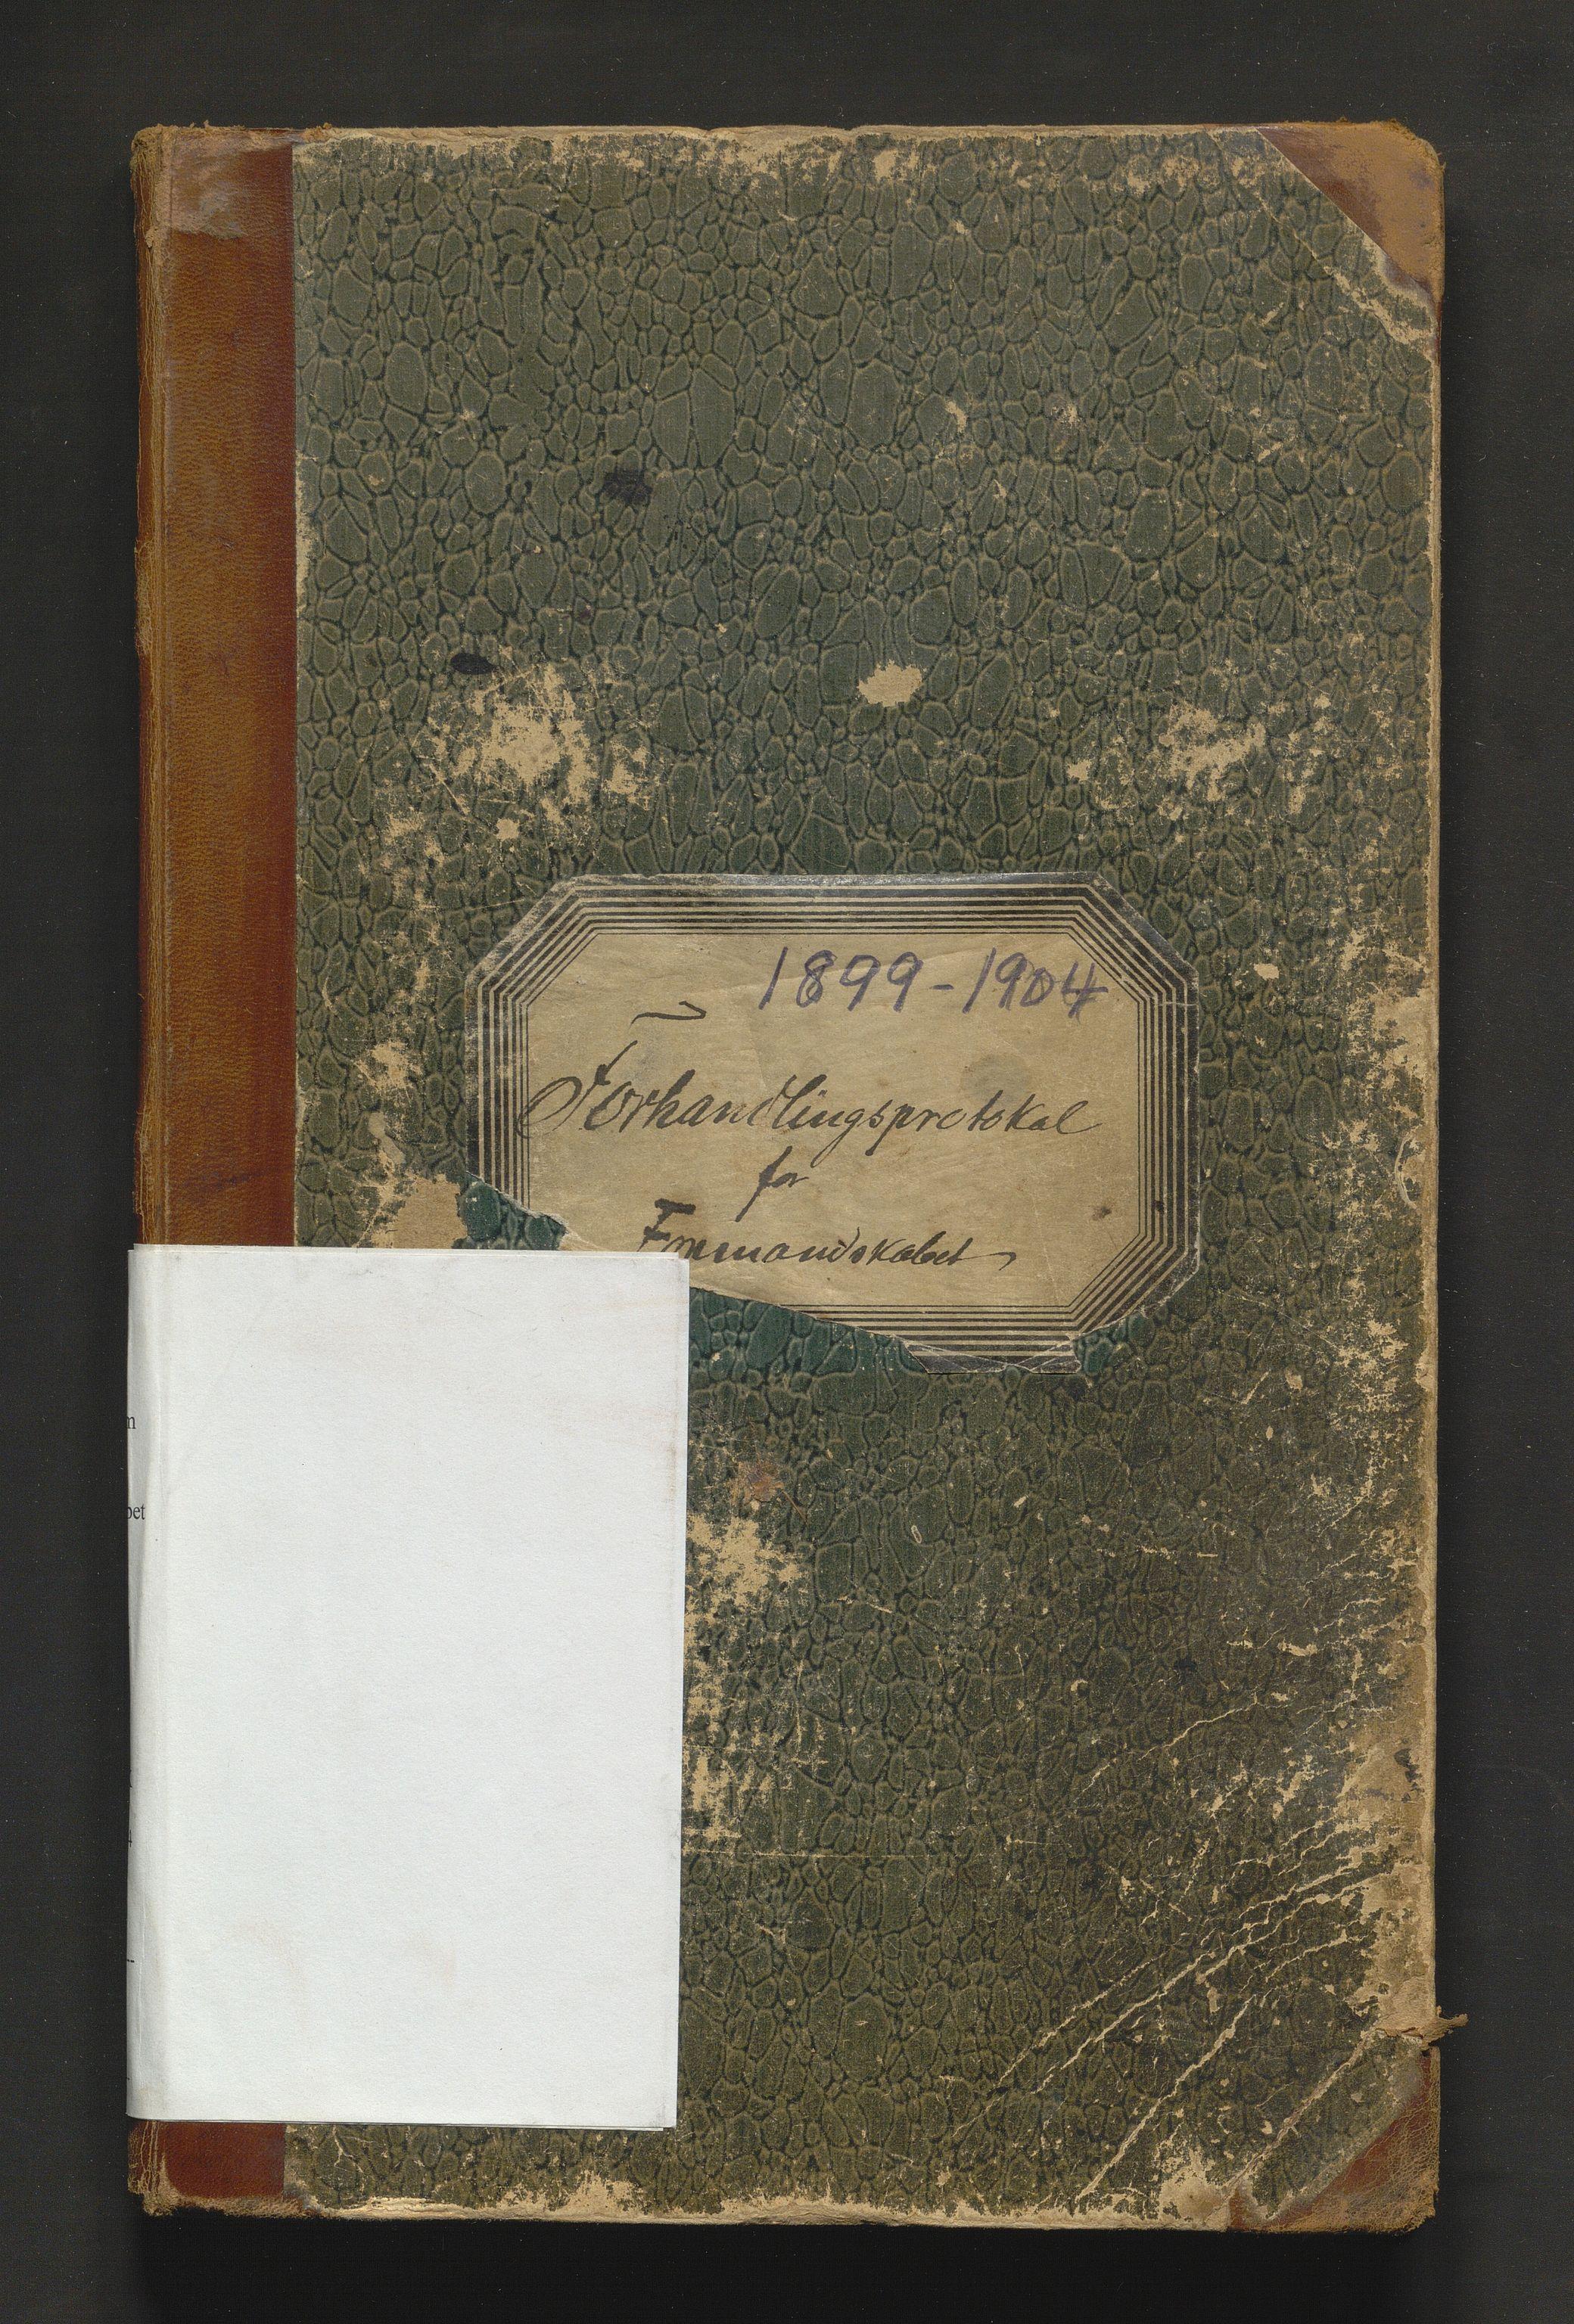 IKAH, Strandebarm kommune. Formannskapet, A/Aa/L0005: Møtebok for formannskap og heradsstyre, 1899-1904